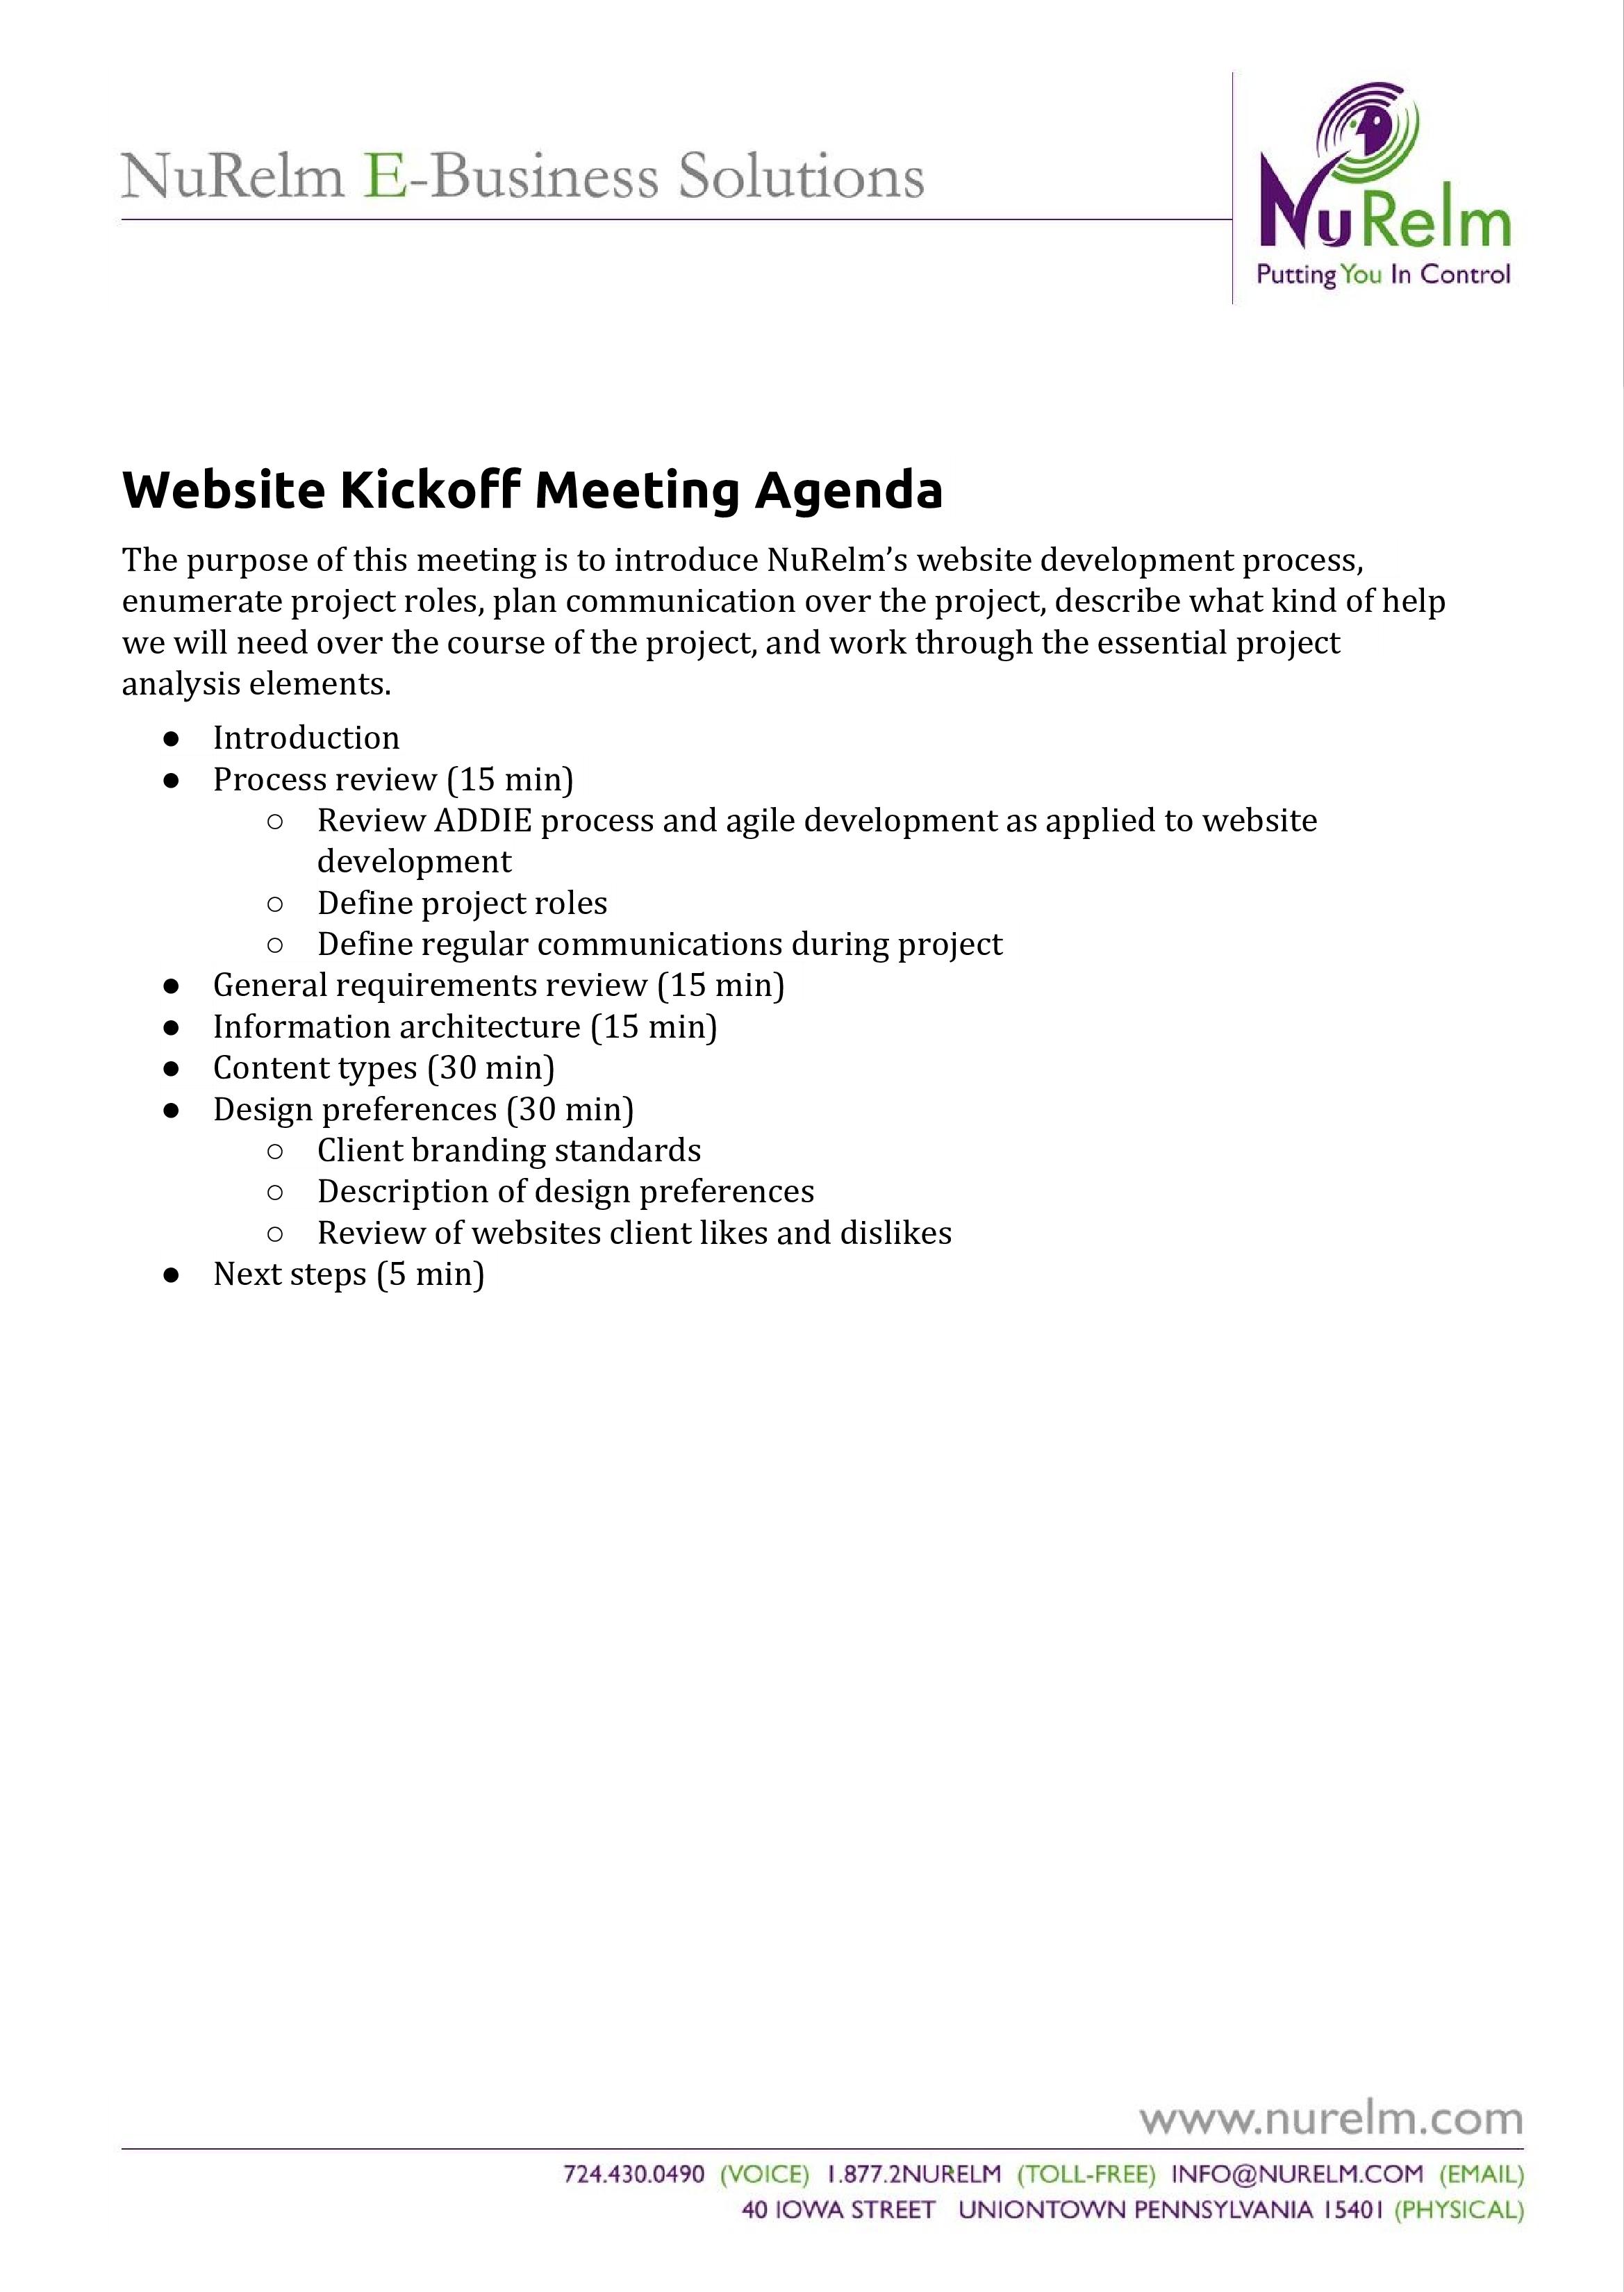 Website Kickoff Meeting Agenda Templates At